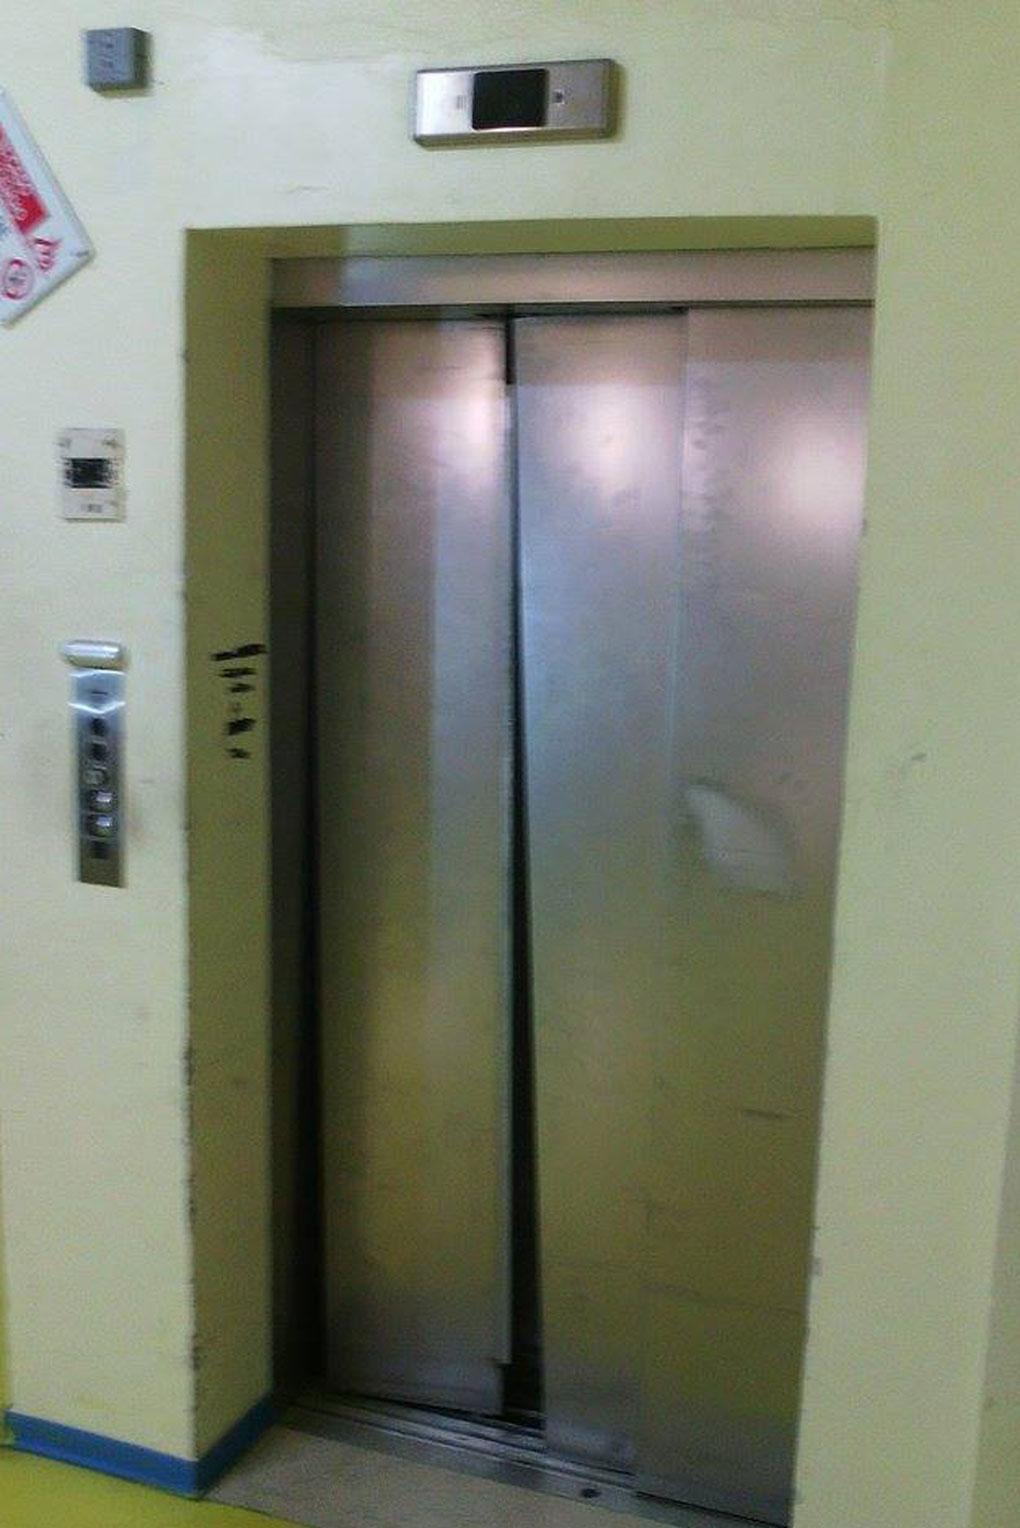 Infortunio all ospedale per il guasto all ascensore sel - Costo ascensore interno 3 piani ...